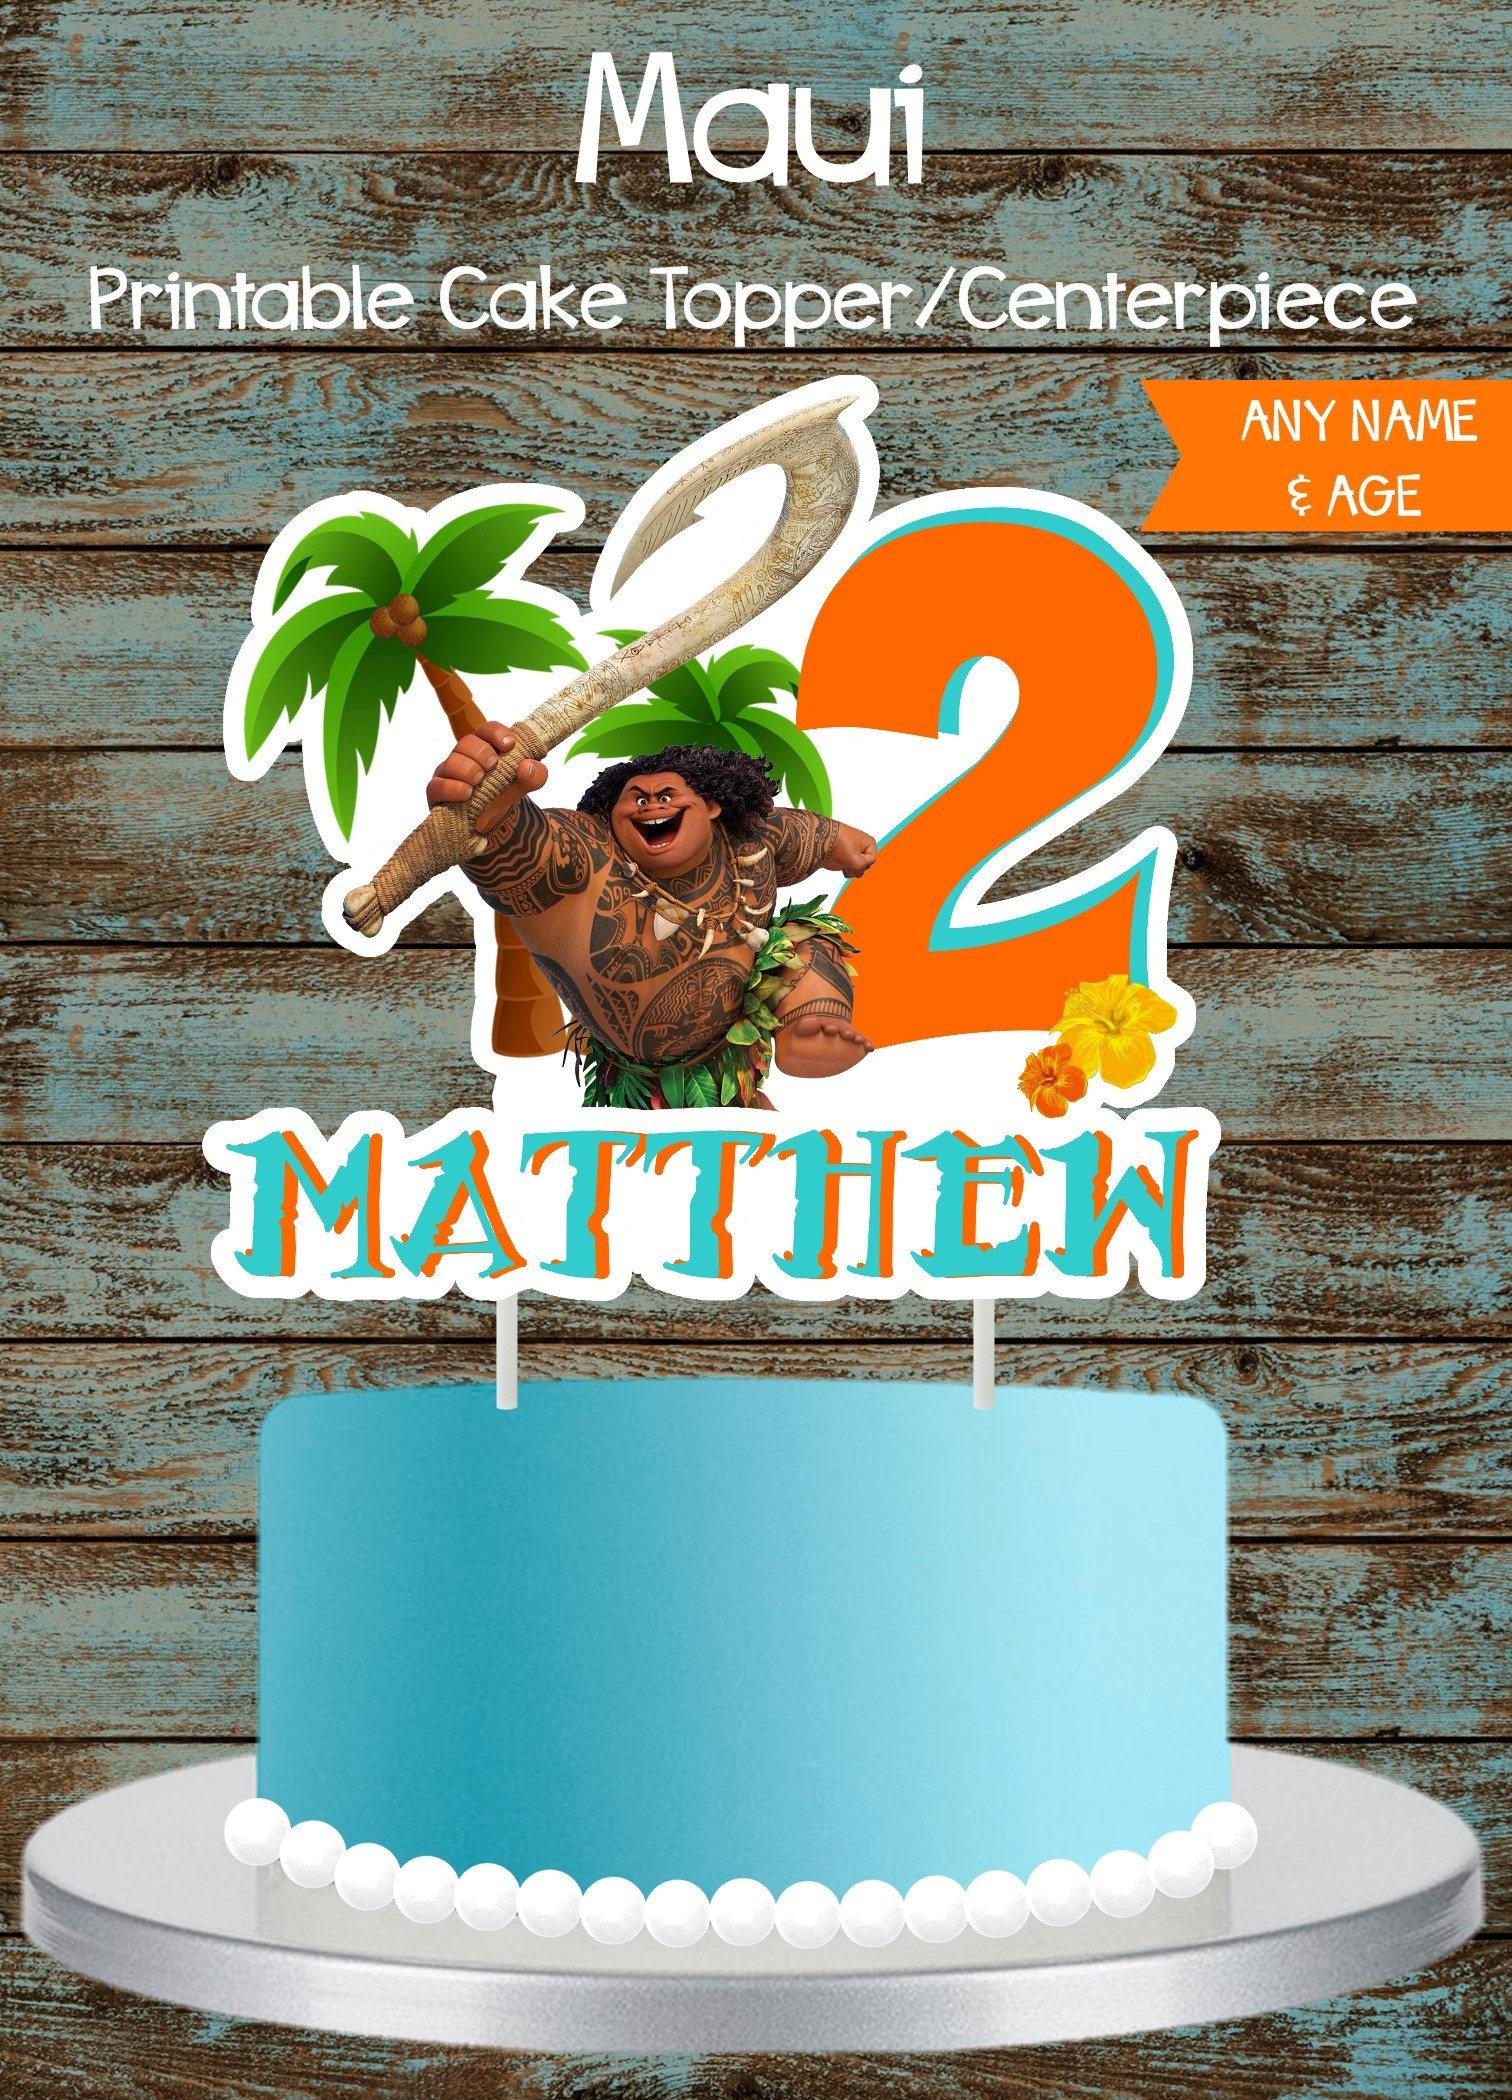 Maui Cake Topper Moana Maui Cake Topper Printable Maui - Maui birthday cakes